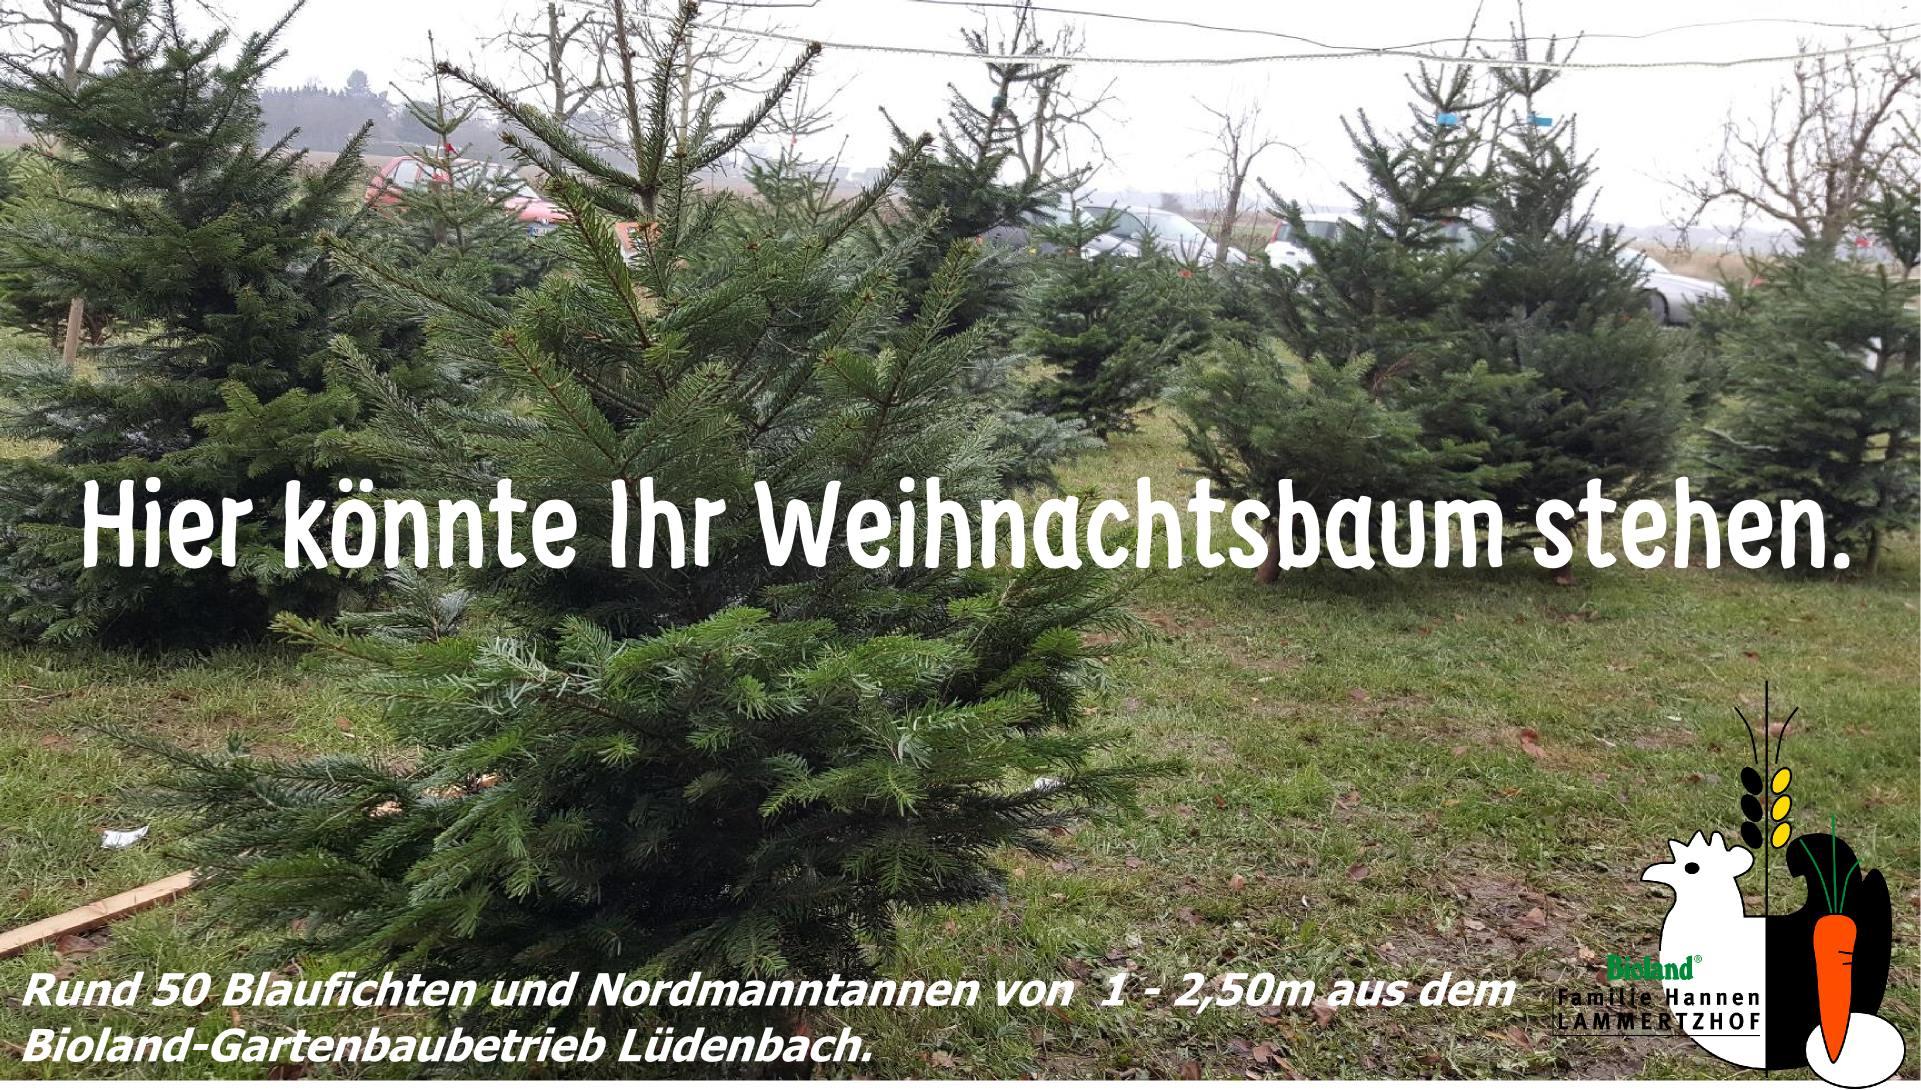 Weihnachtsbaum Tannenbaum.Weihnachtsbaum Verkauf Bio Tannenbaum Kaarst Bioland Lammertzhof